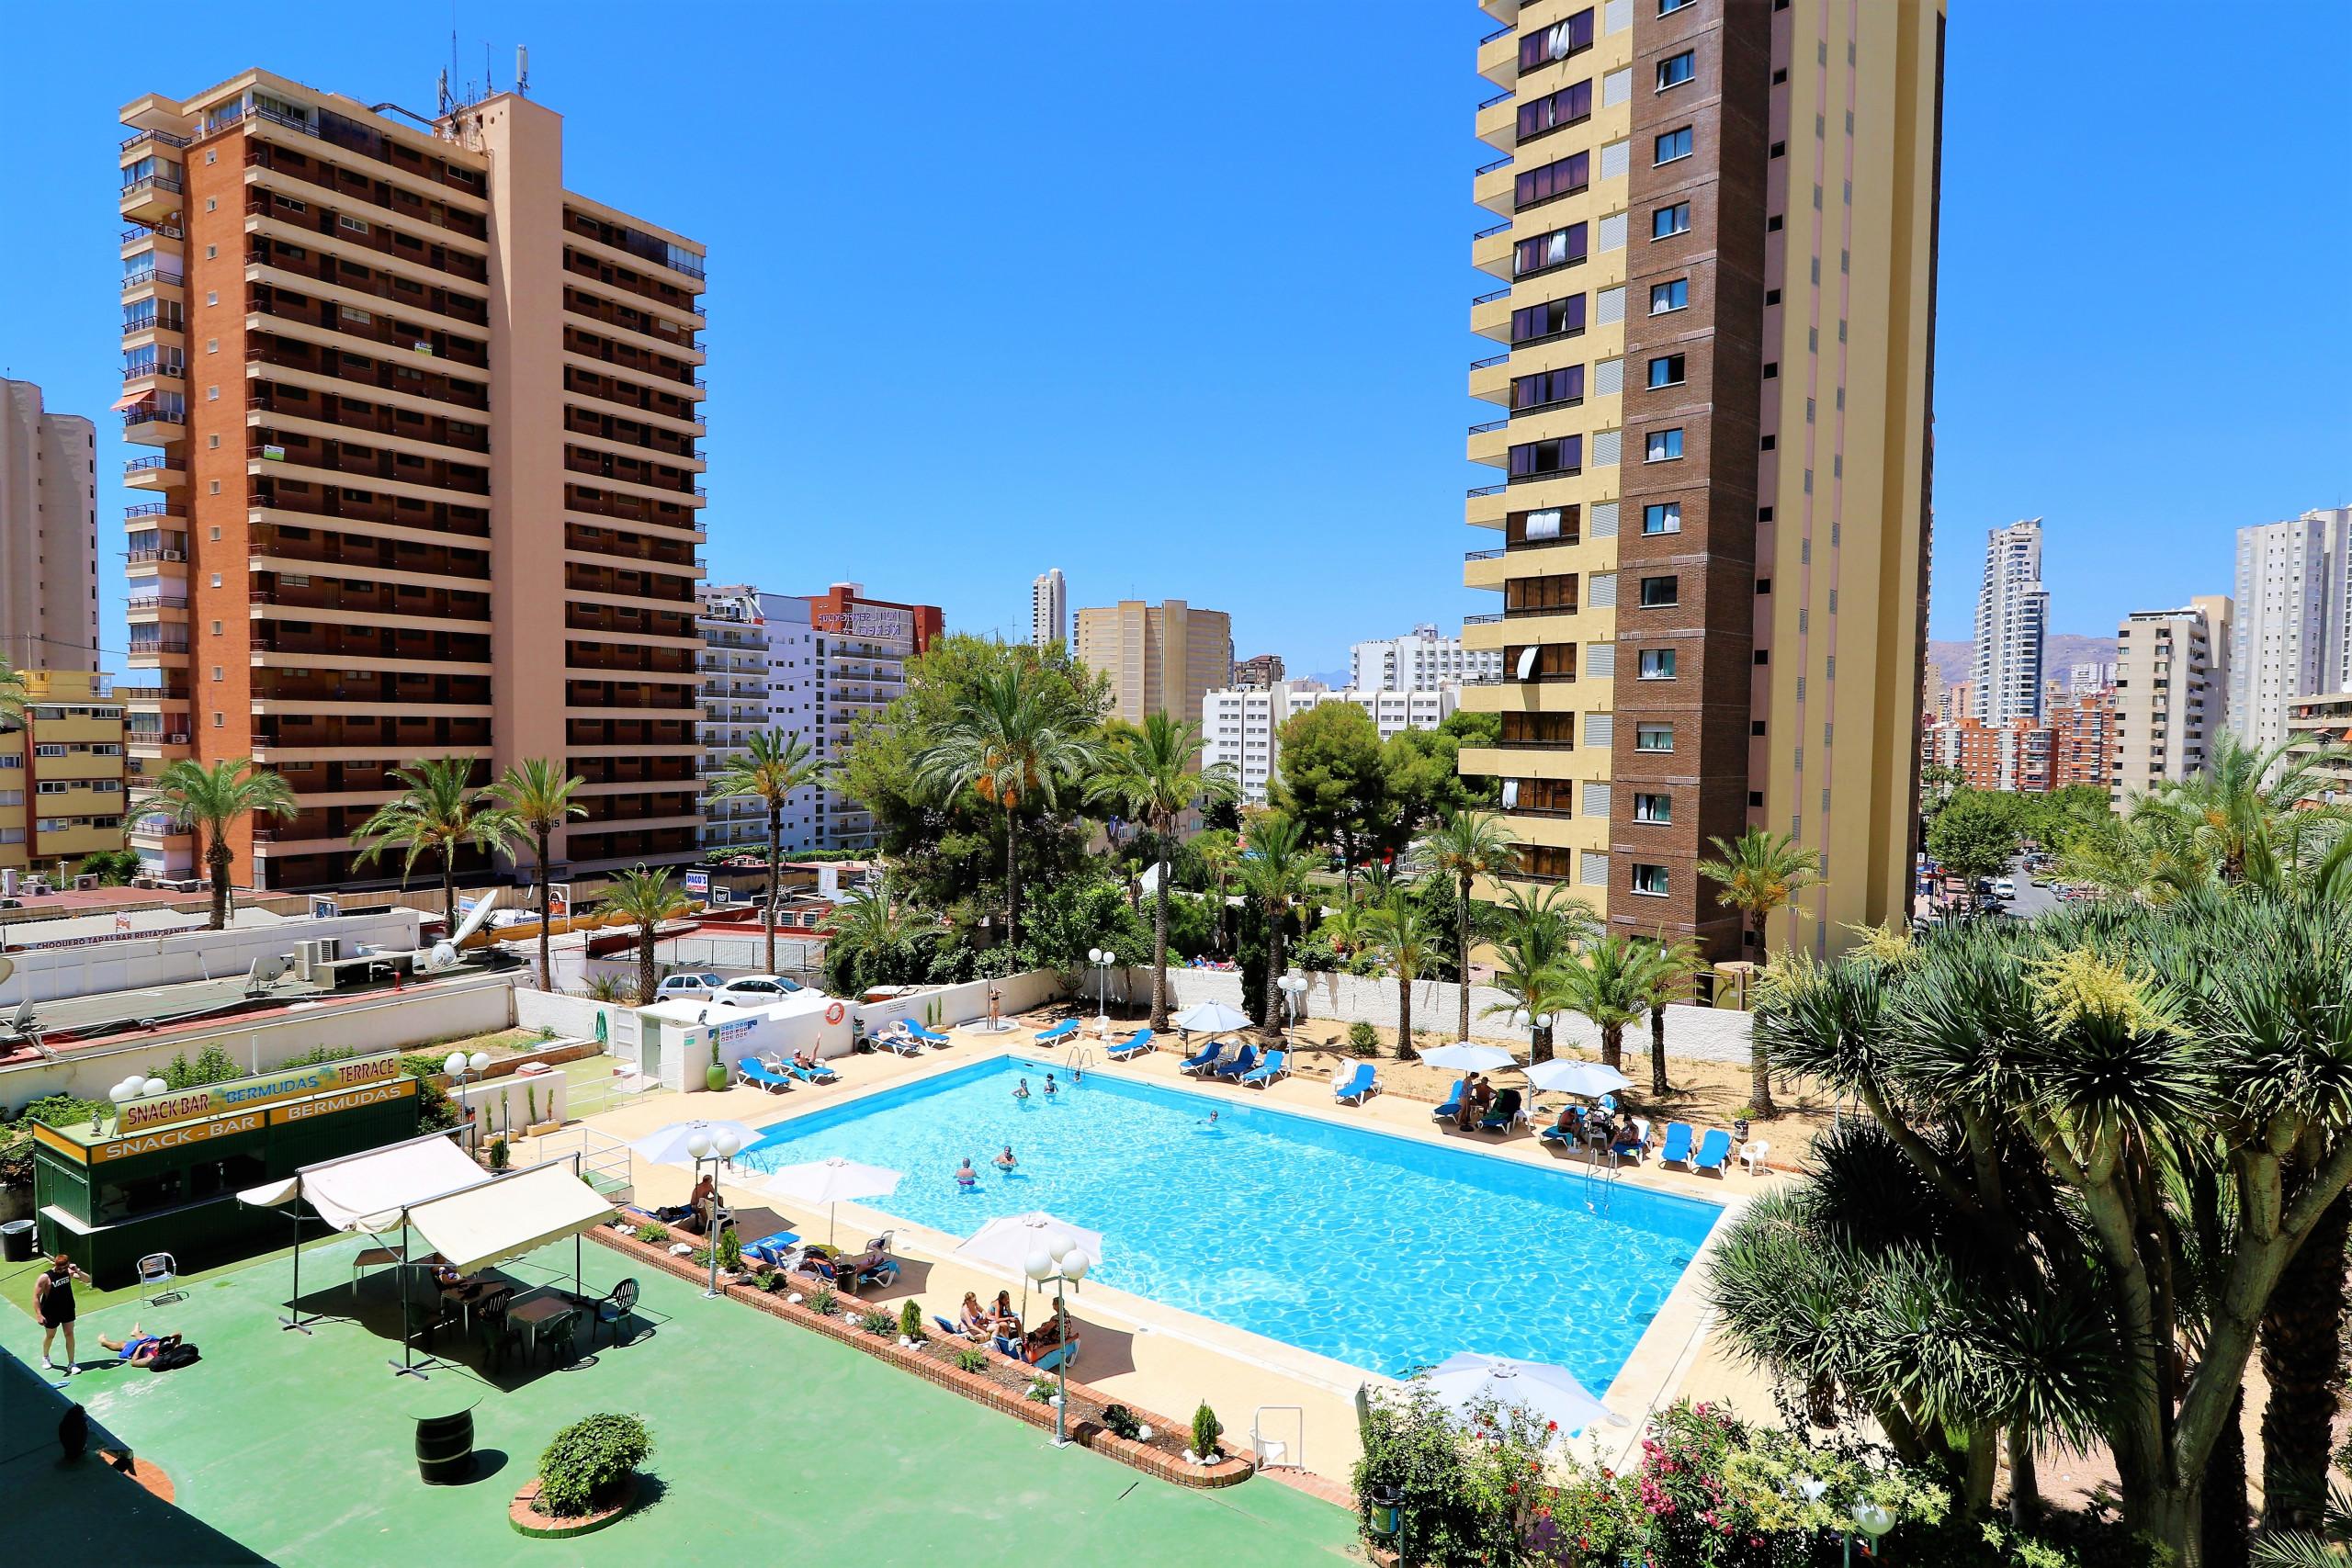 Bermudas 313 - Apartments in Benidorm